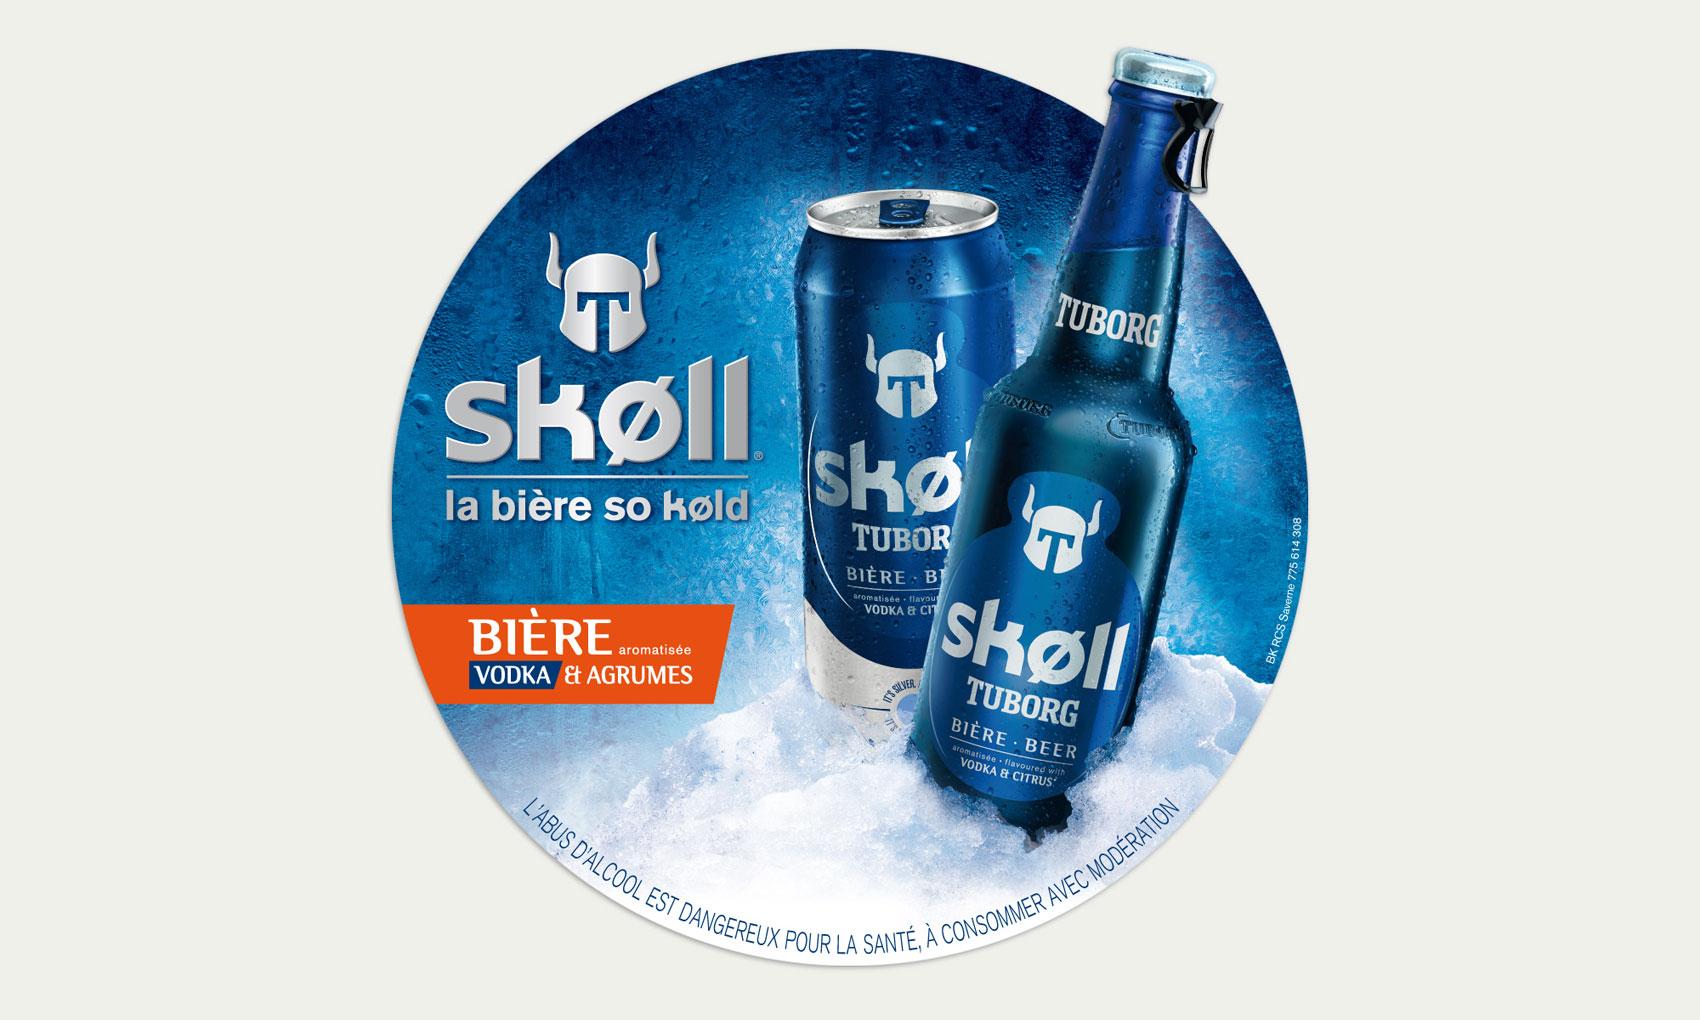 biere-skoll-5